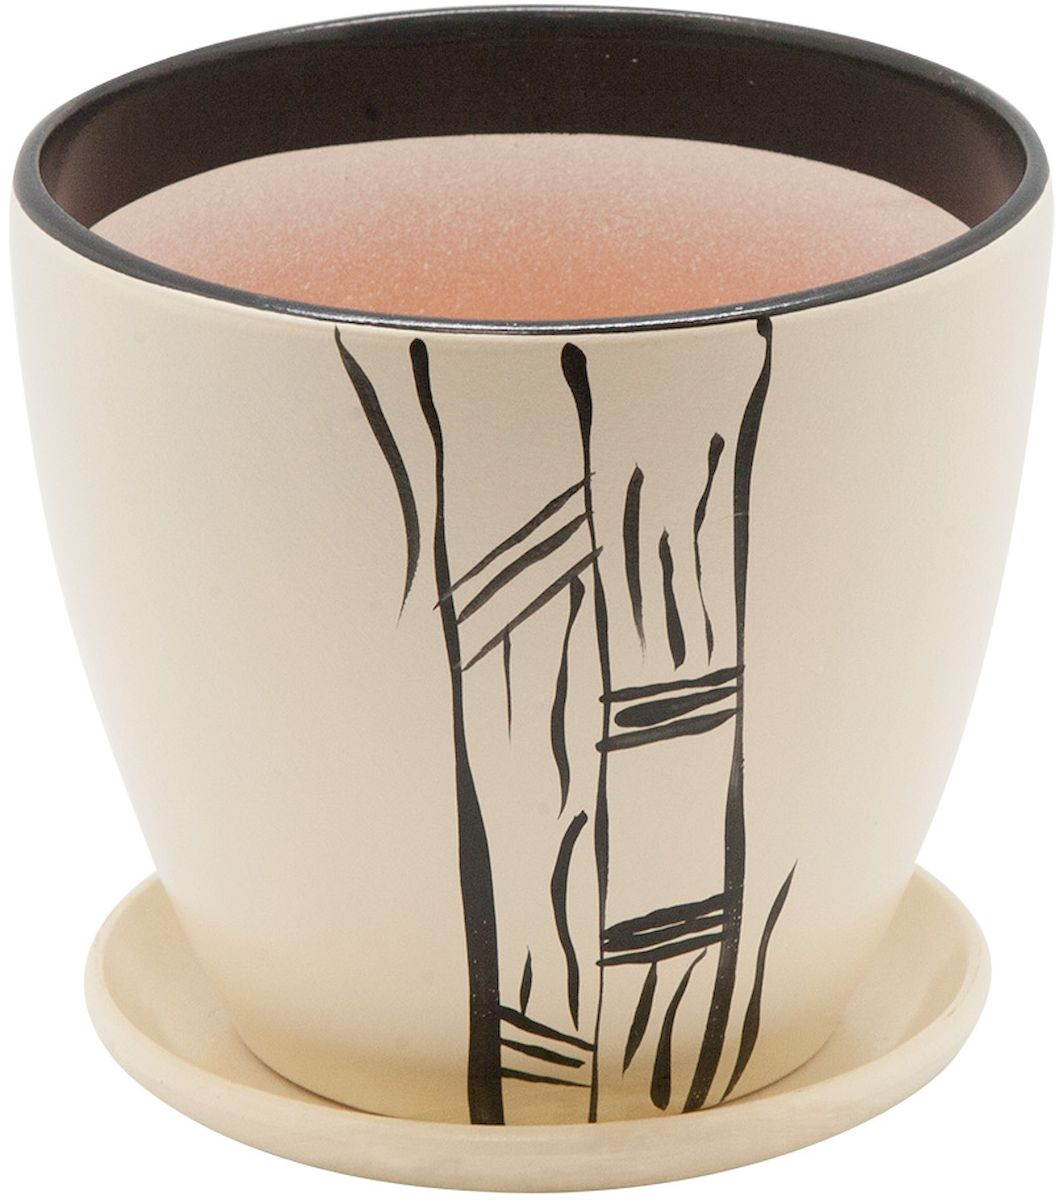 Горшок цветочный Engard, с поддоном, цвет: бежевый, 1,4 лC0042416Керамический горшок - это идеальное решение для выращивания комнатных растений и создания изысканности в интерьере. Керамический горшок сделан из высококачественной глины в классической форме и оригинальном дизайне.